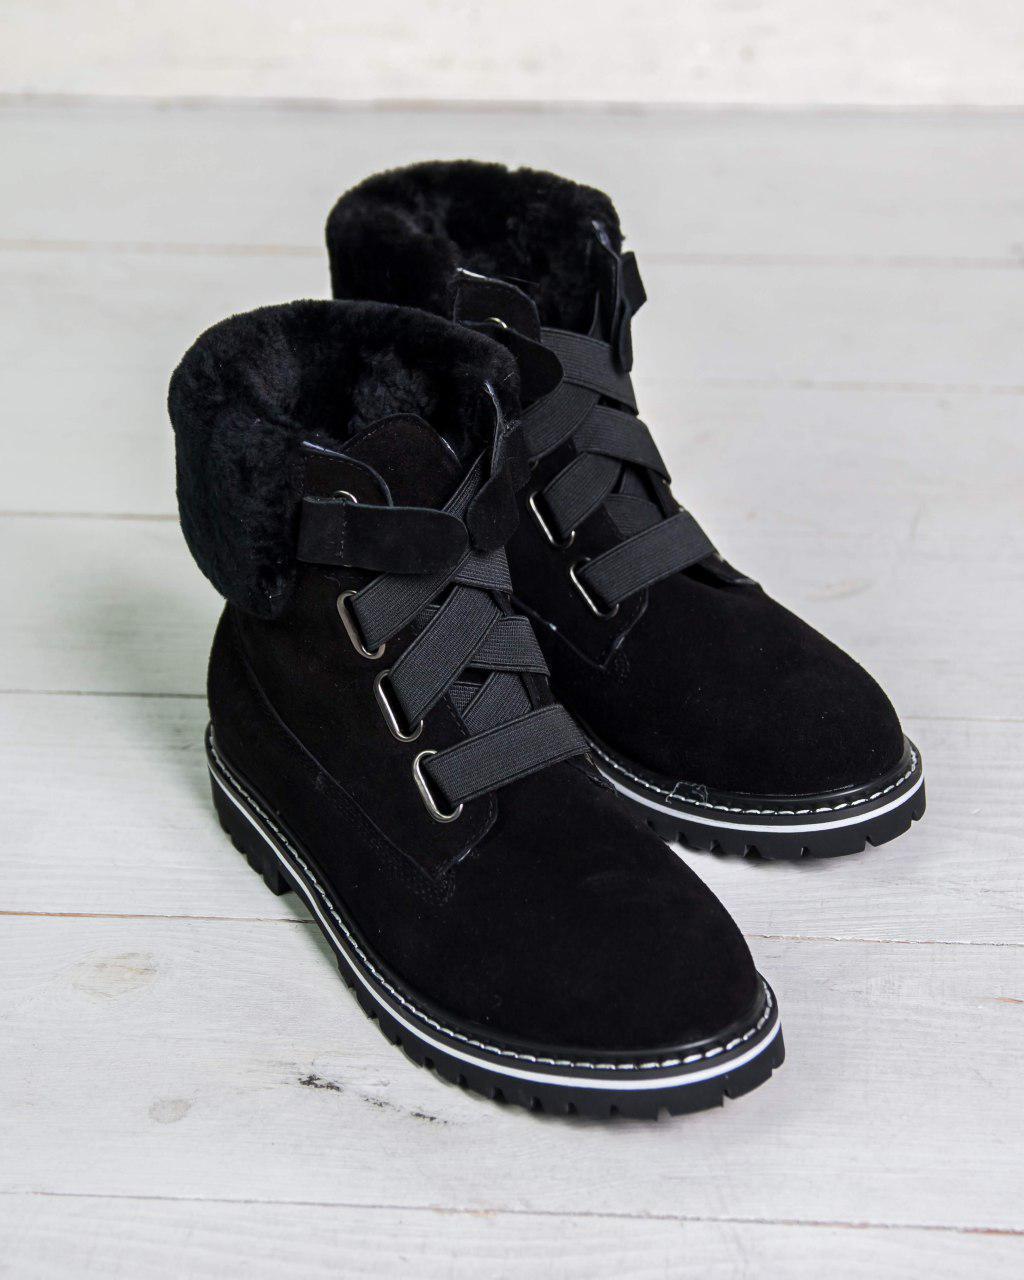 Женские ботинки UGG Australia D&K Sheepskin Black. Фото в живую. Реплика